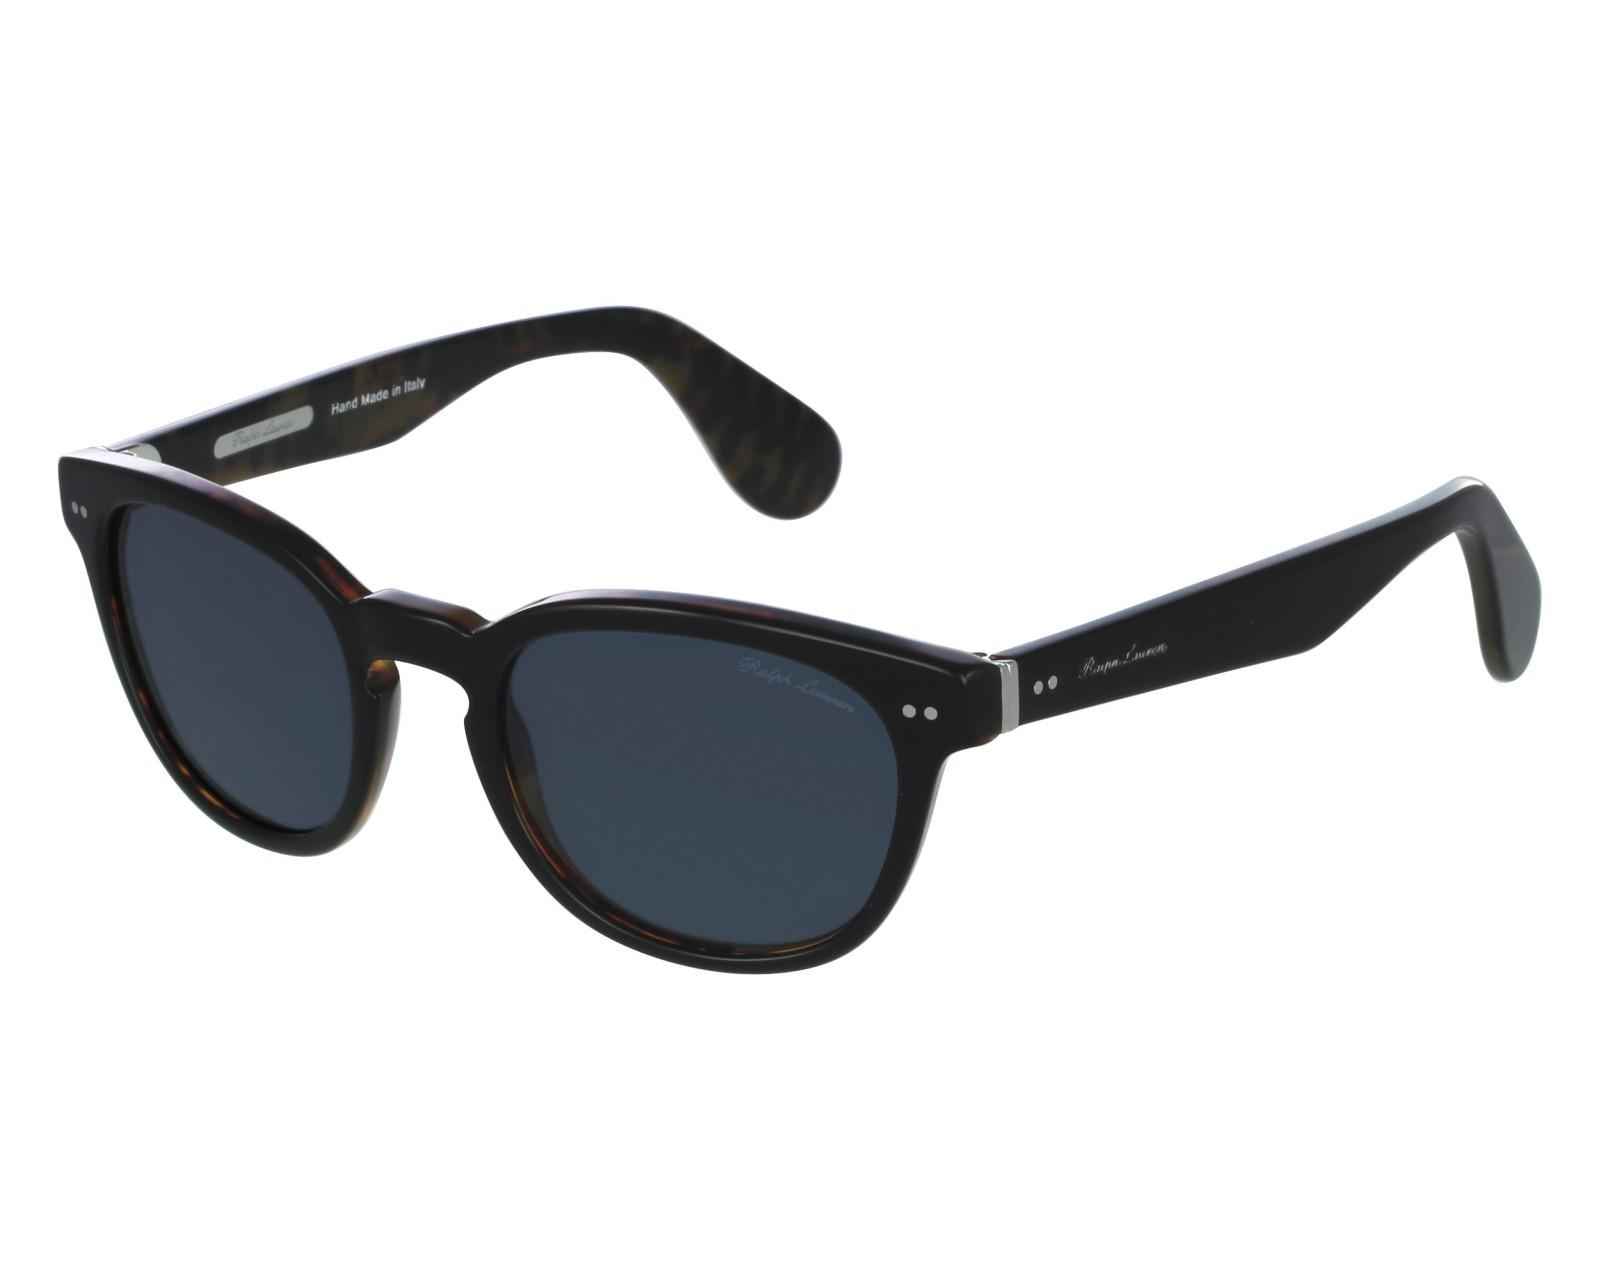 ralph lunettes de soleil femme noir lauren. Black Bedroom Furniture Sets. Home Design Ideas